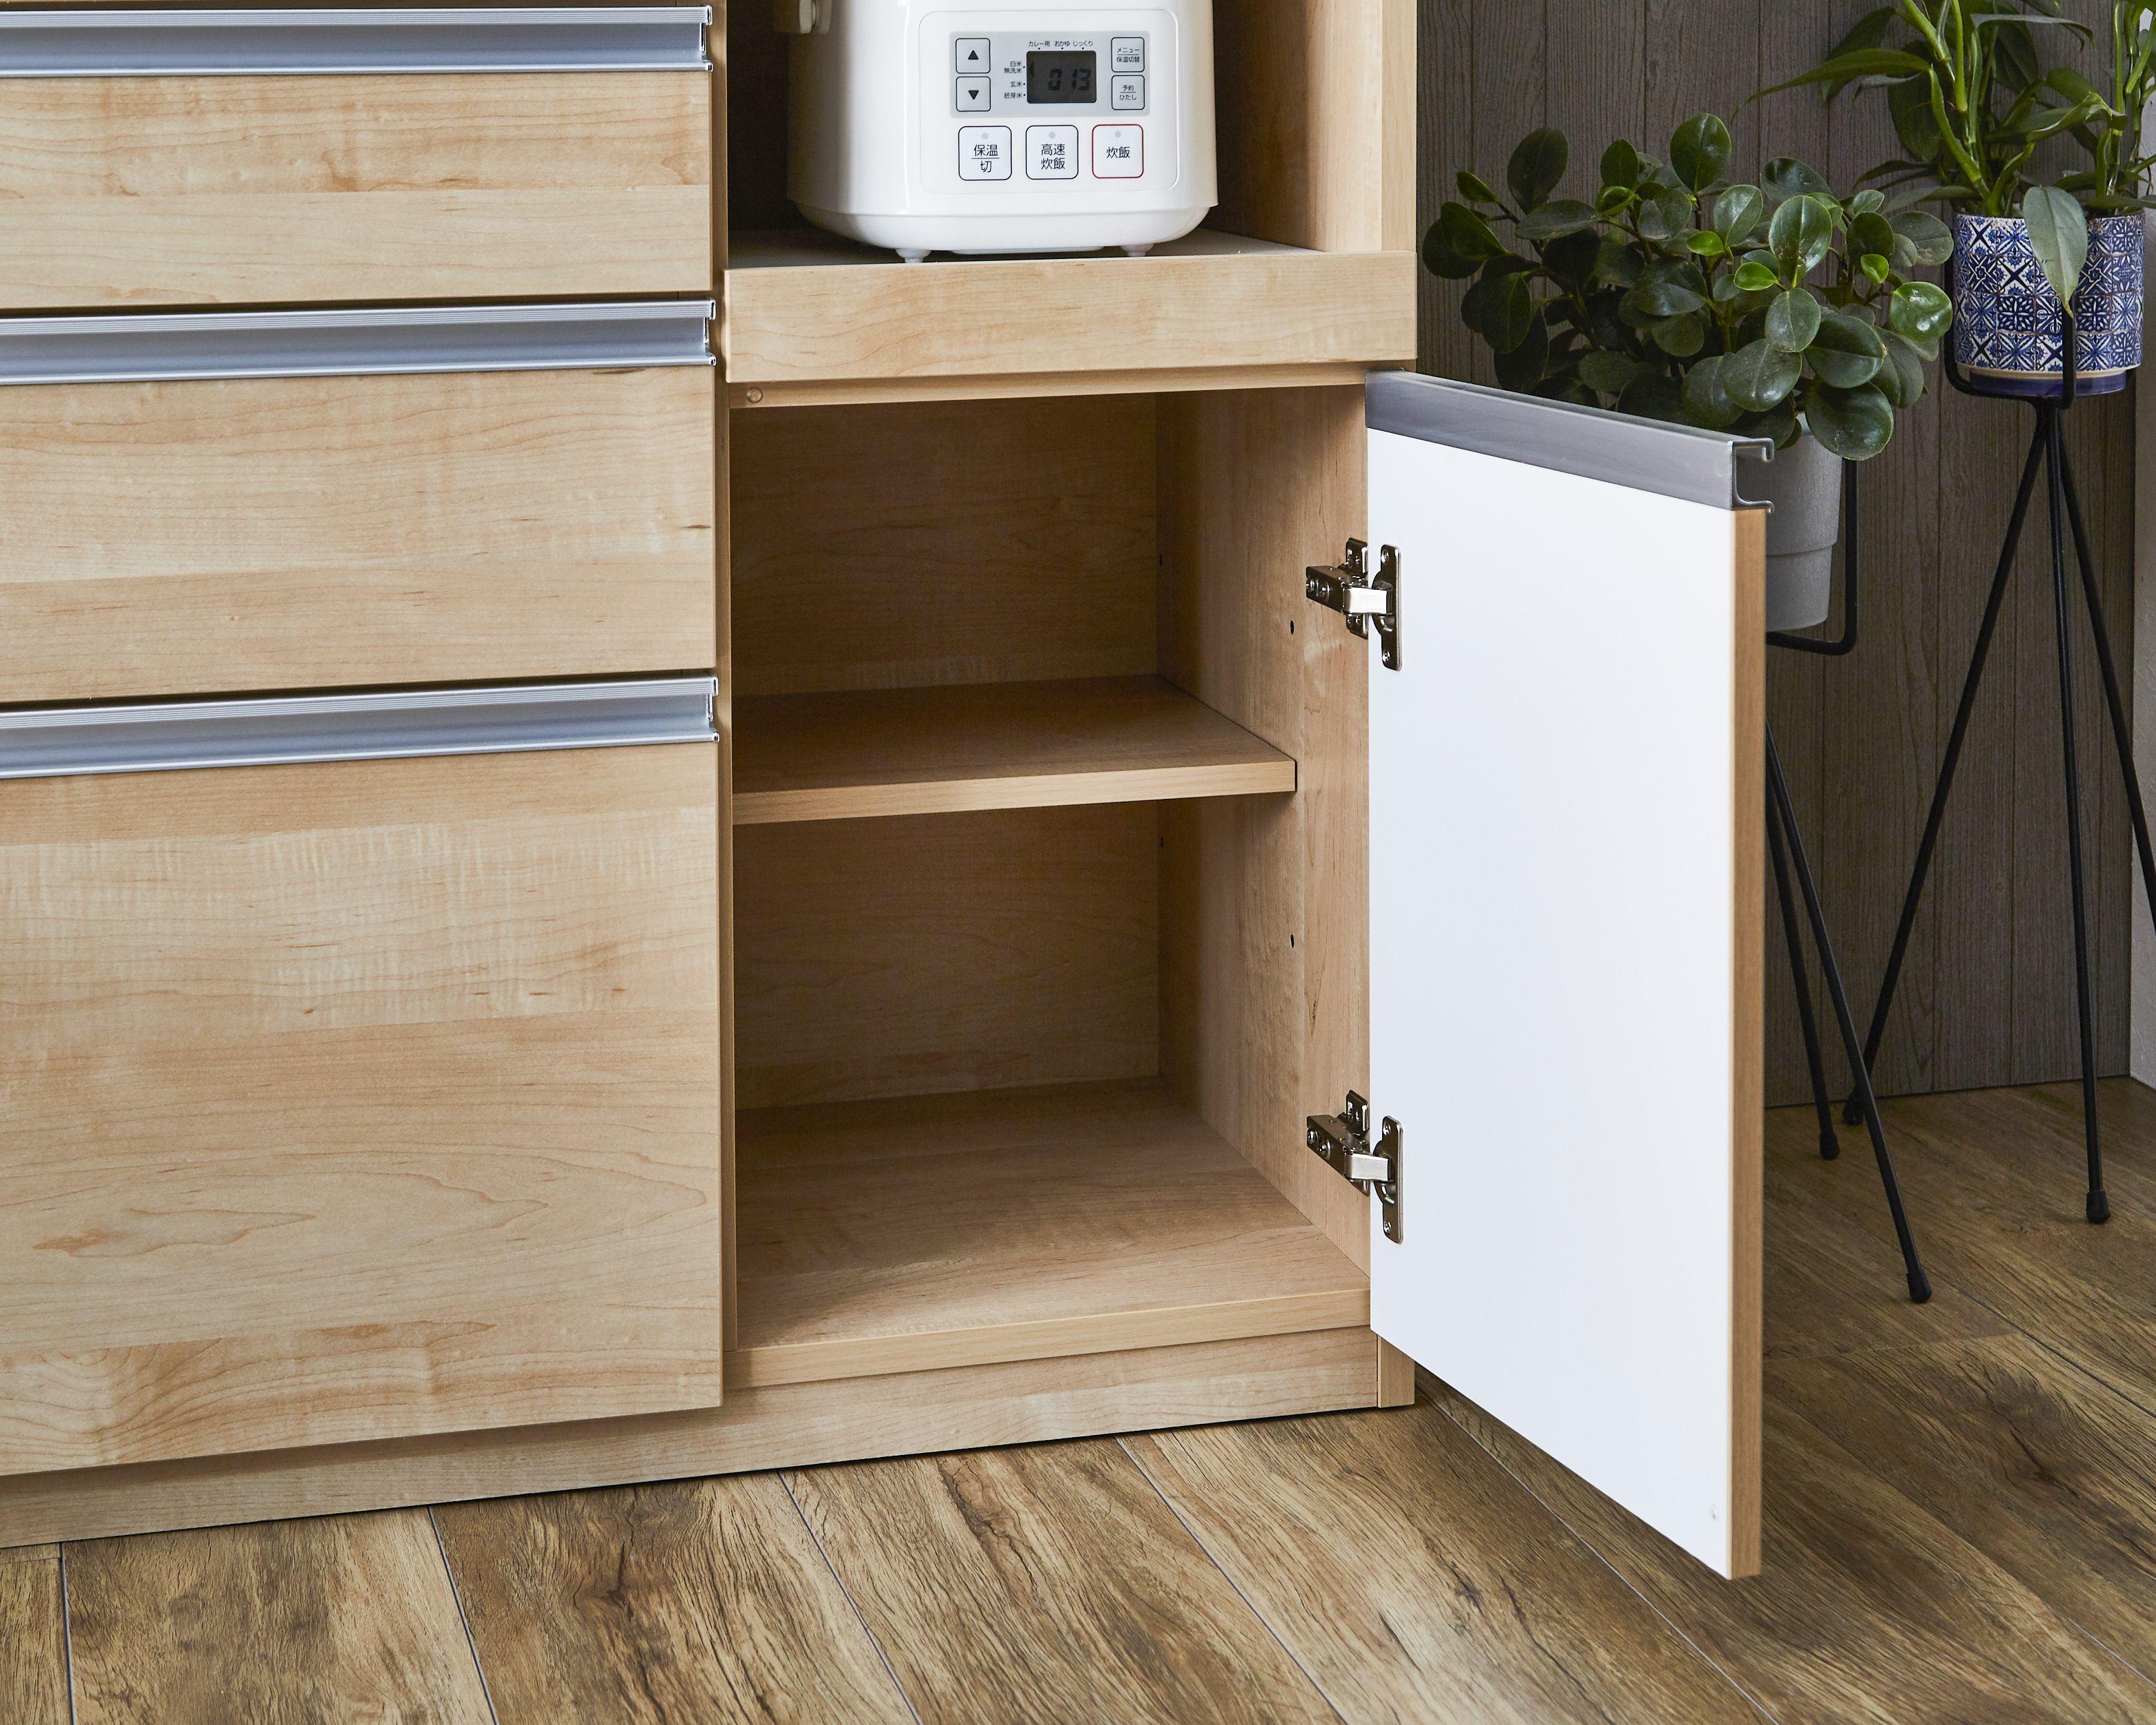 食器棚 レンジ台 レンジボード おしゃれまとめの人気アイデア Pinterest 手作り家具工房 日本の匠 レンジ台 フォレスト 食器棚